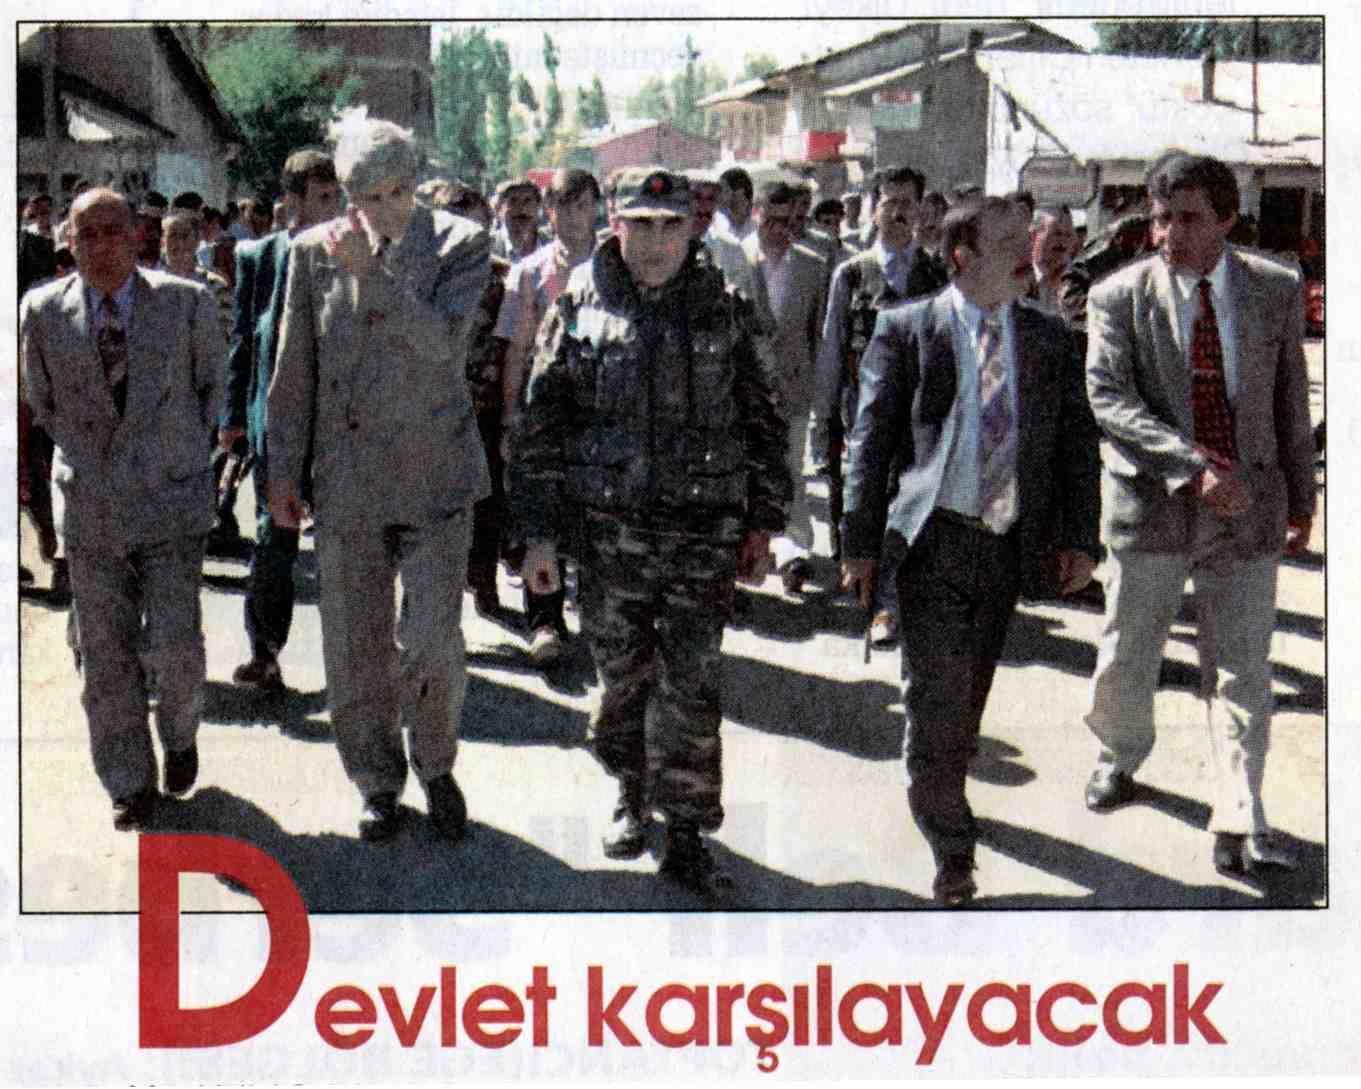 """""""Ils vont trouver l'Etat en face d'eux"""". Le préfet, le commandant de garnison, le chef de la sûreté reprennent possession de Varto. Hürriyet, 20 septembre 1996"""